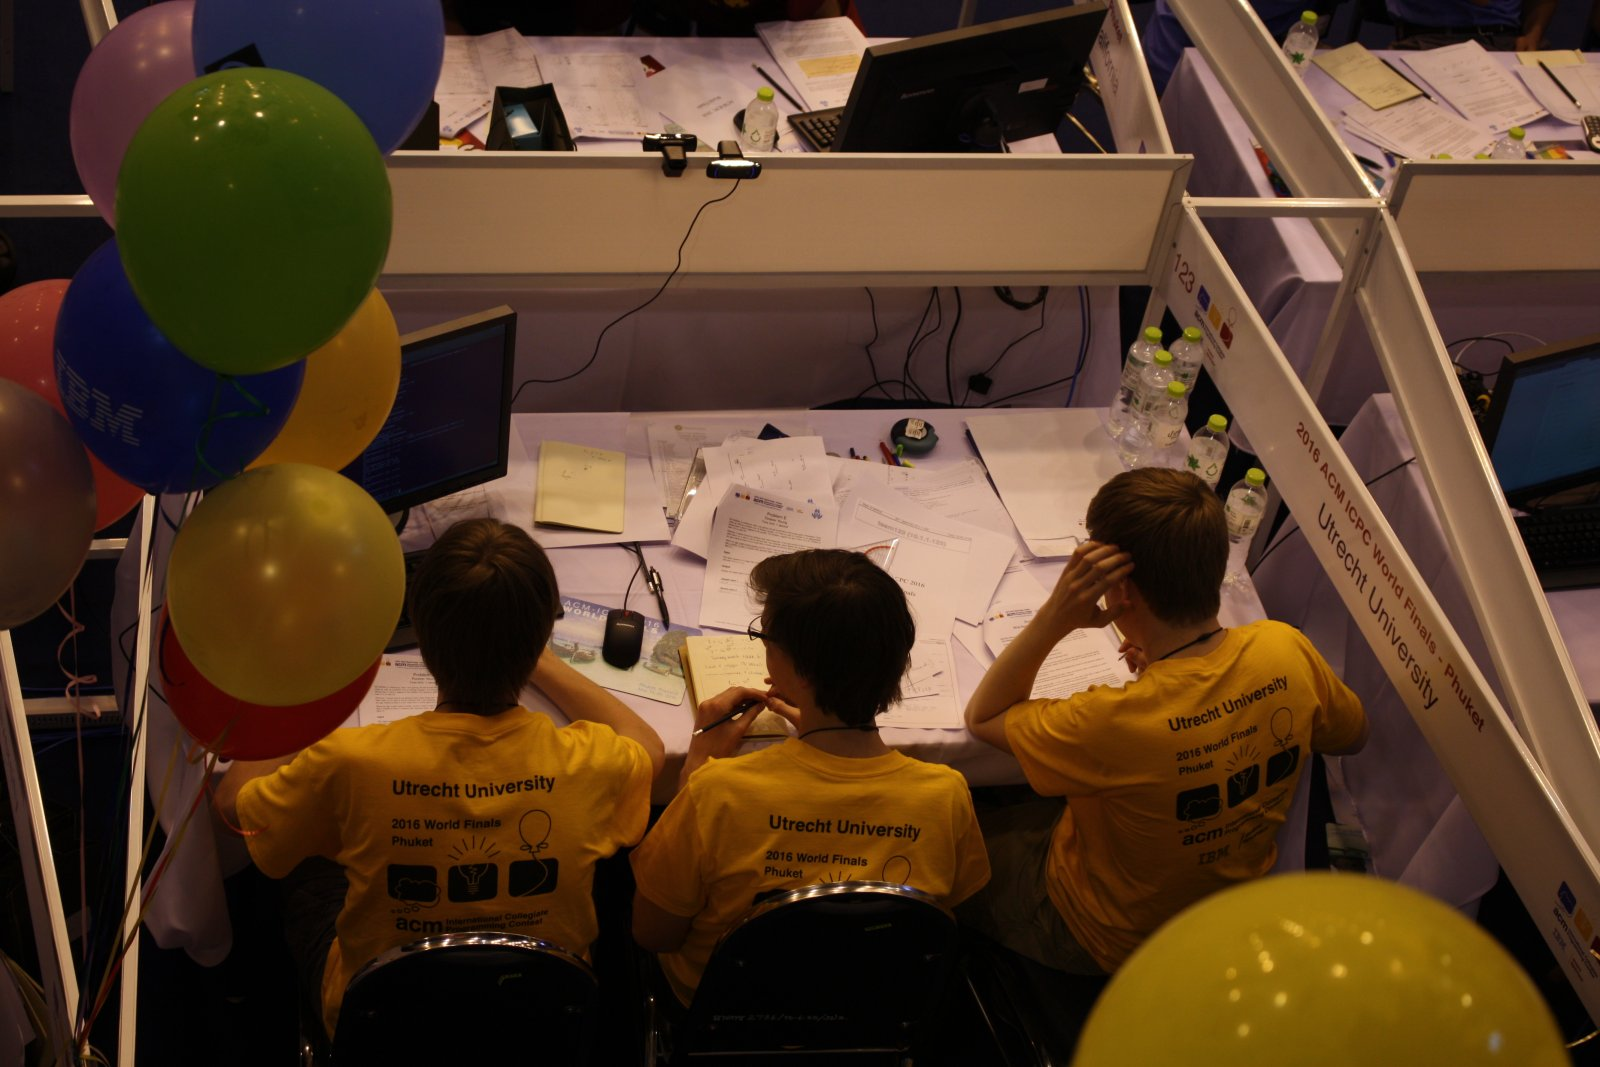 Het team tijdens de wedstrijd. Timon zit achter de computer, Harry en Ragnar werken opgaven uit op papier.